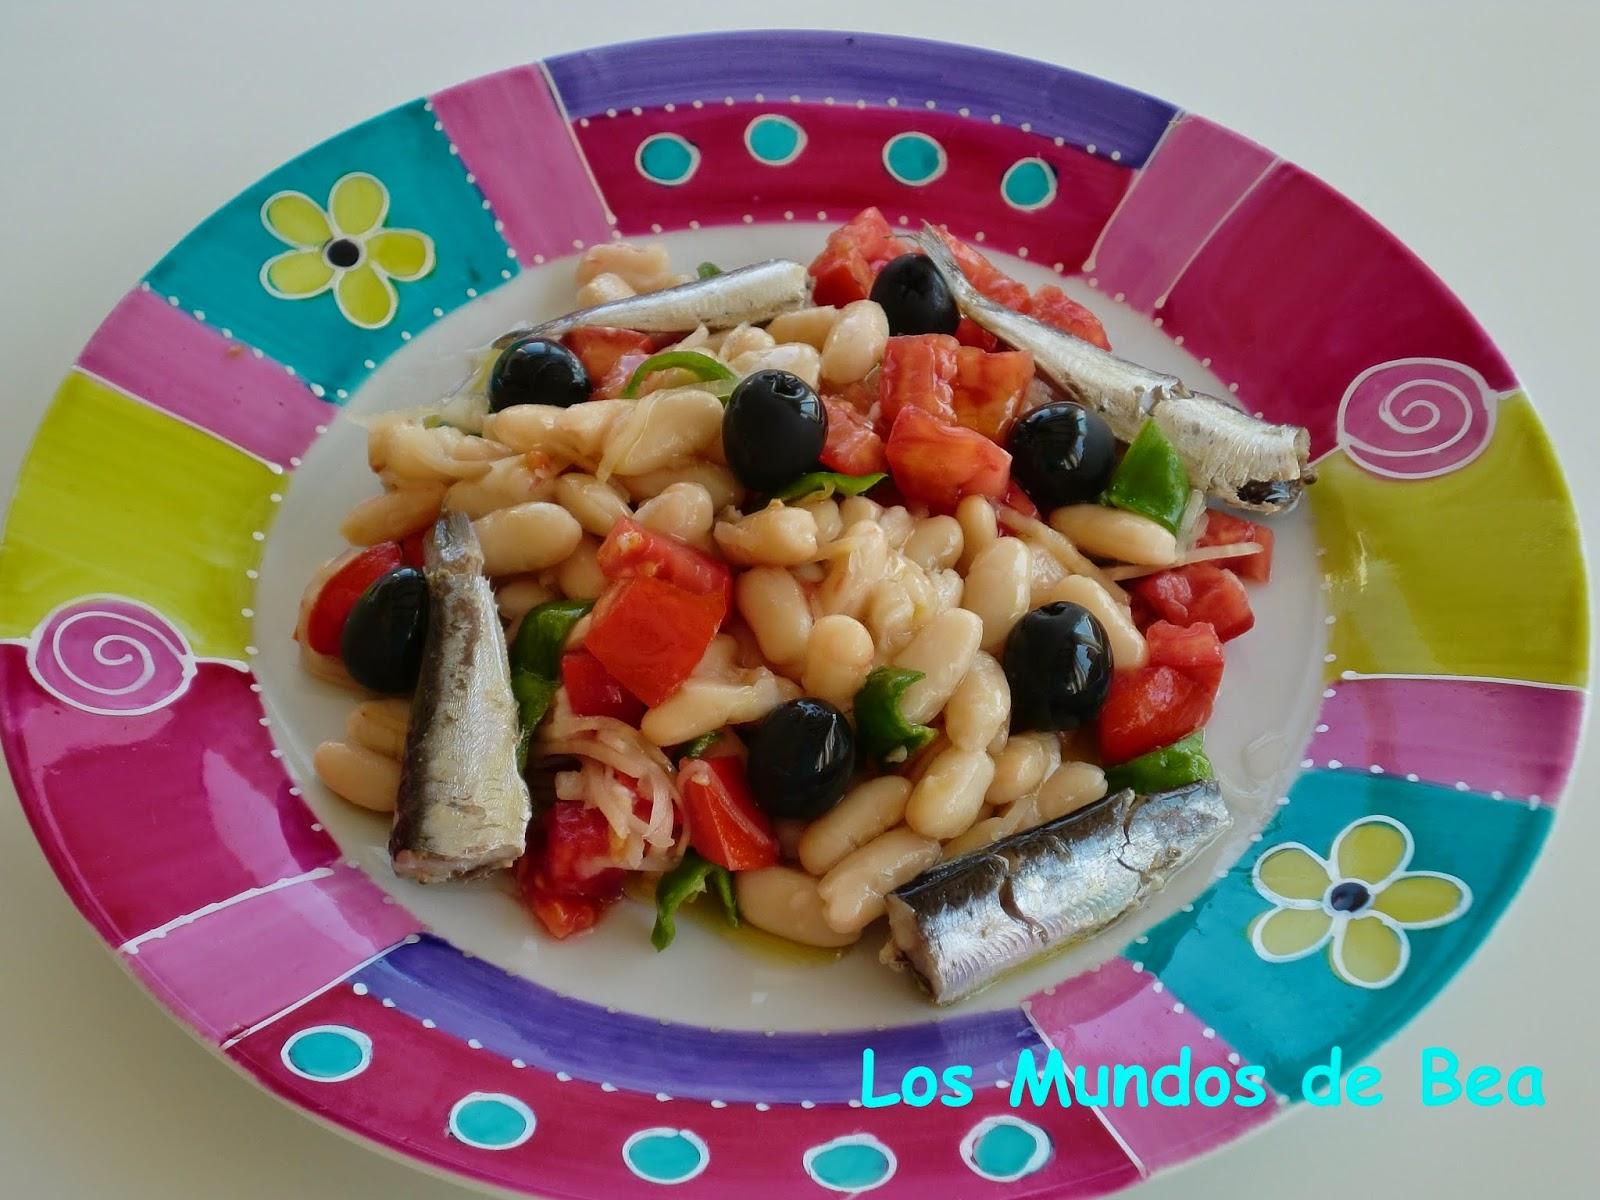 Los mundos de bea ensalada de alubias y sardinas - Ensalada de alubias ...